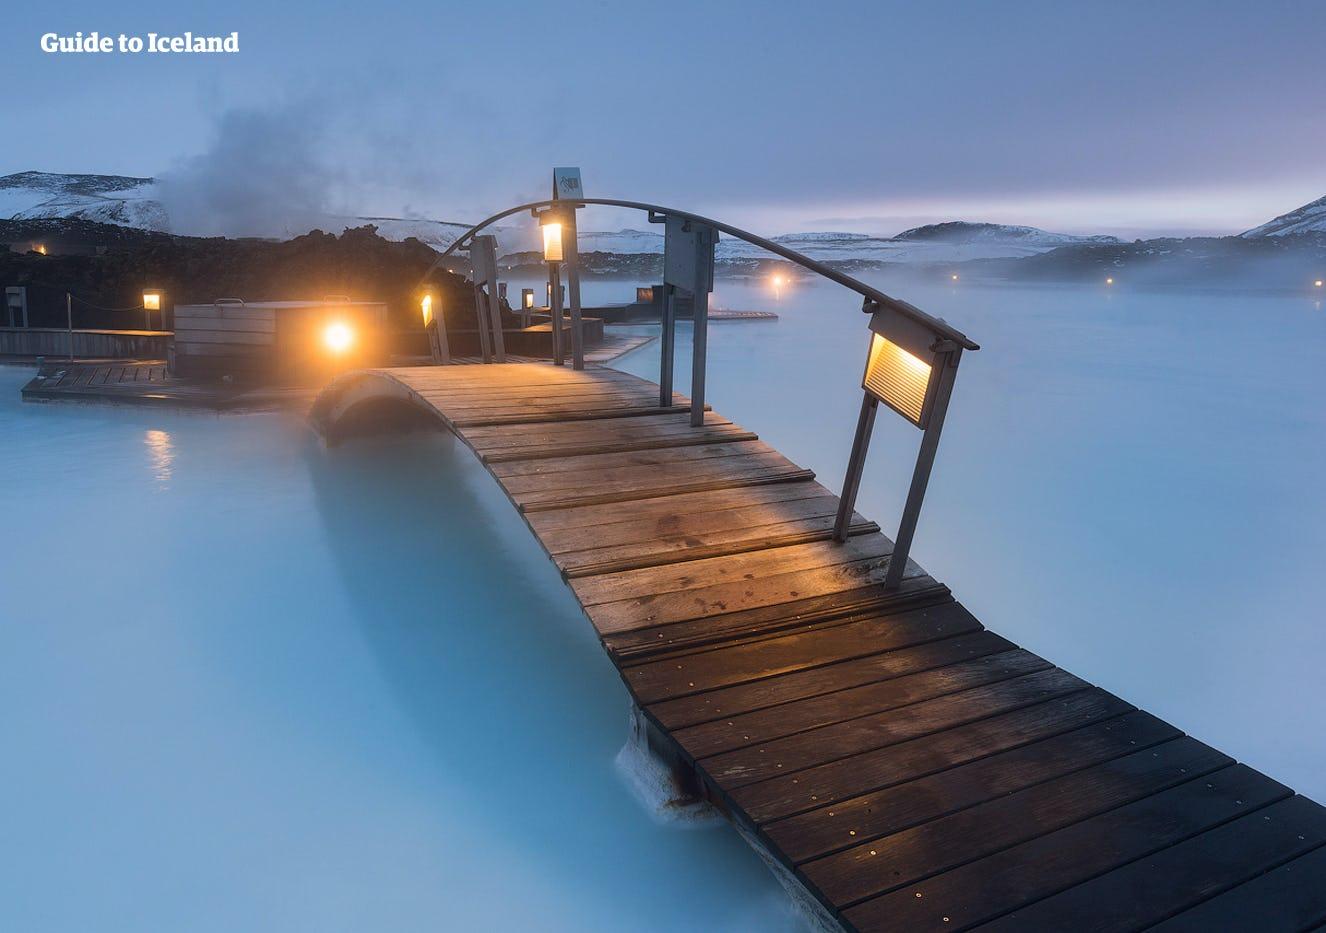 3-дневный зимний тур | Золотое кольцо, Голубая лагуна и северное сияние